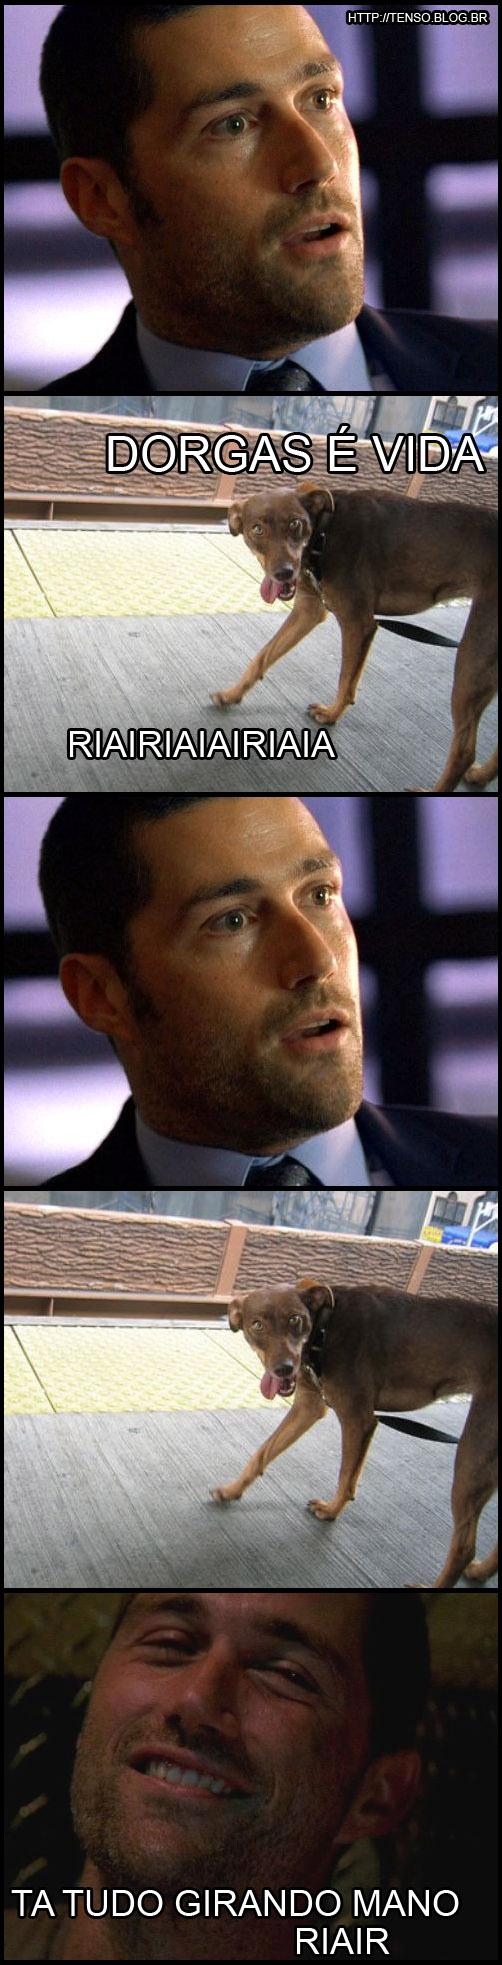 dorgasvida1